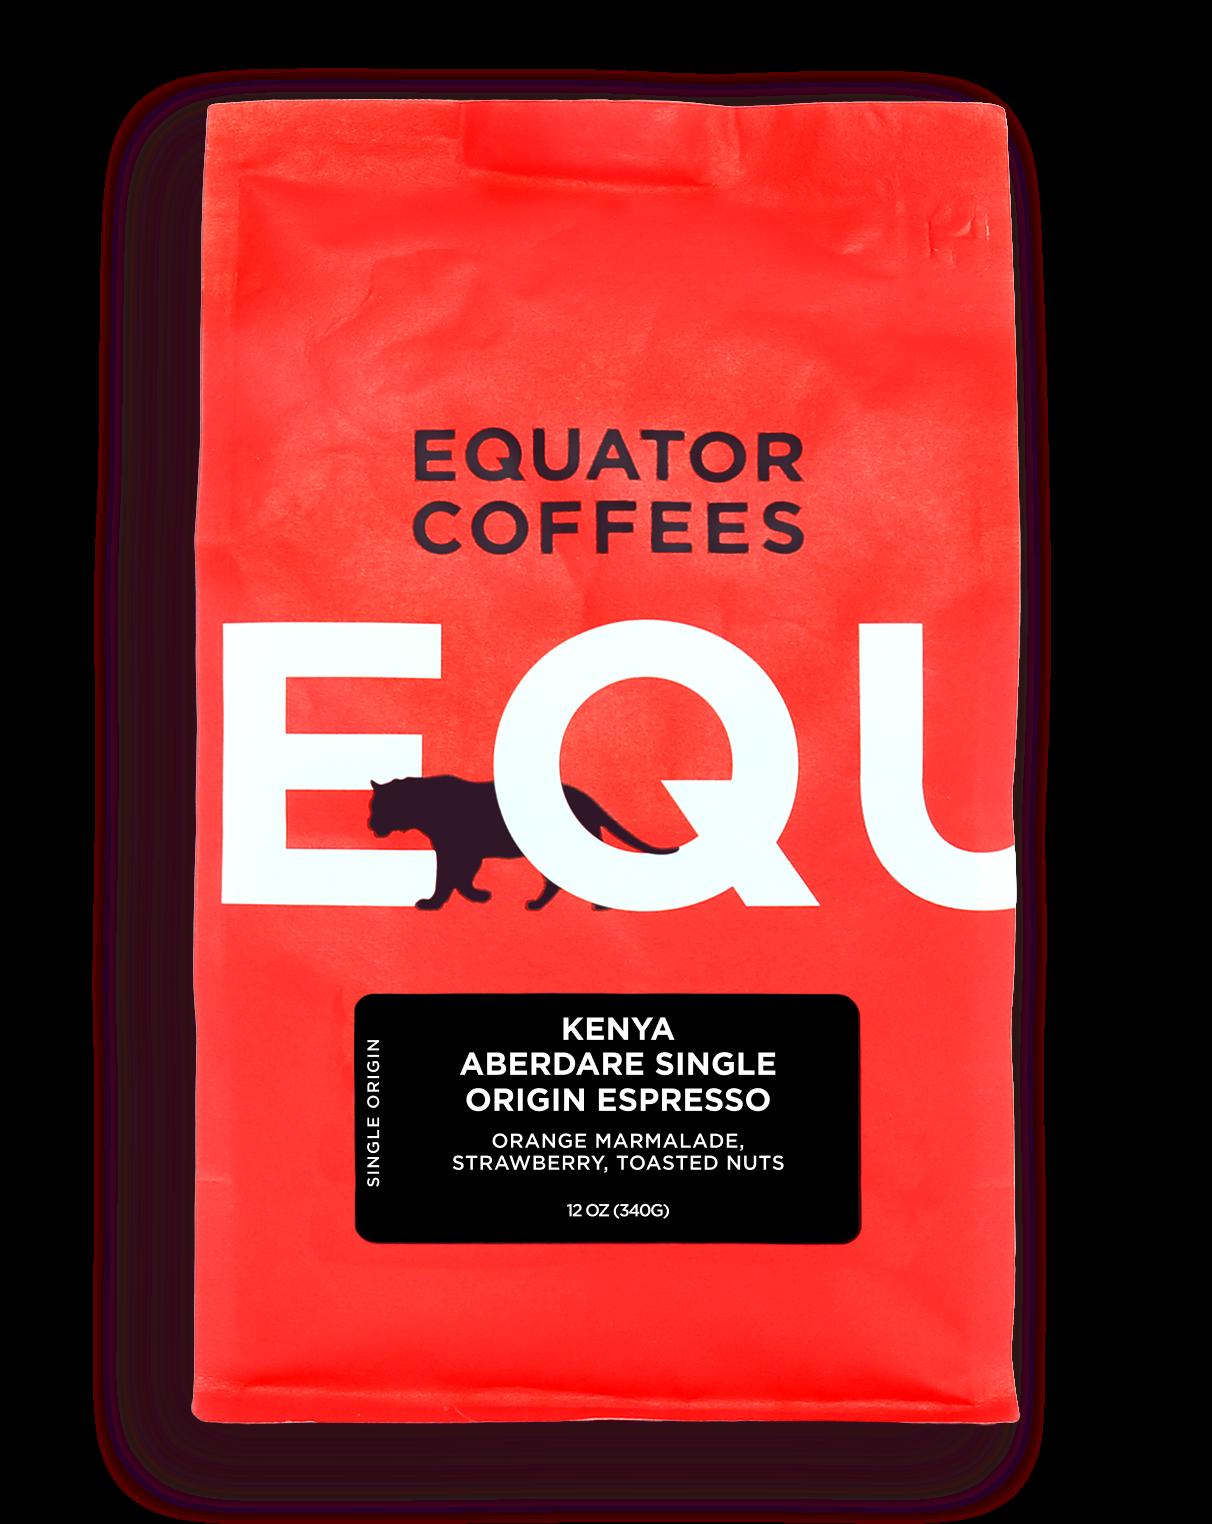 Kenya Aberdare Single Origin Espresso